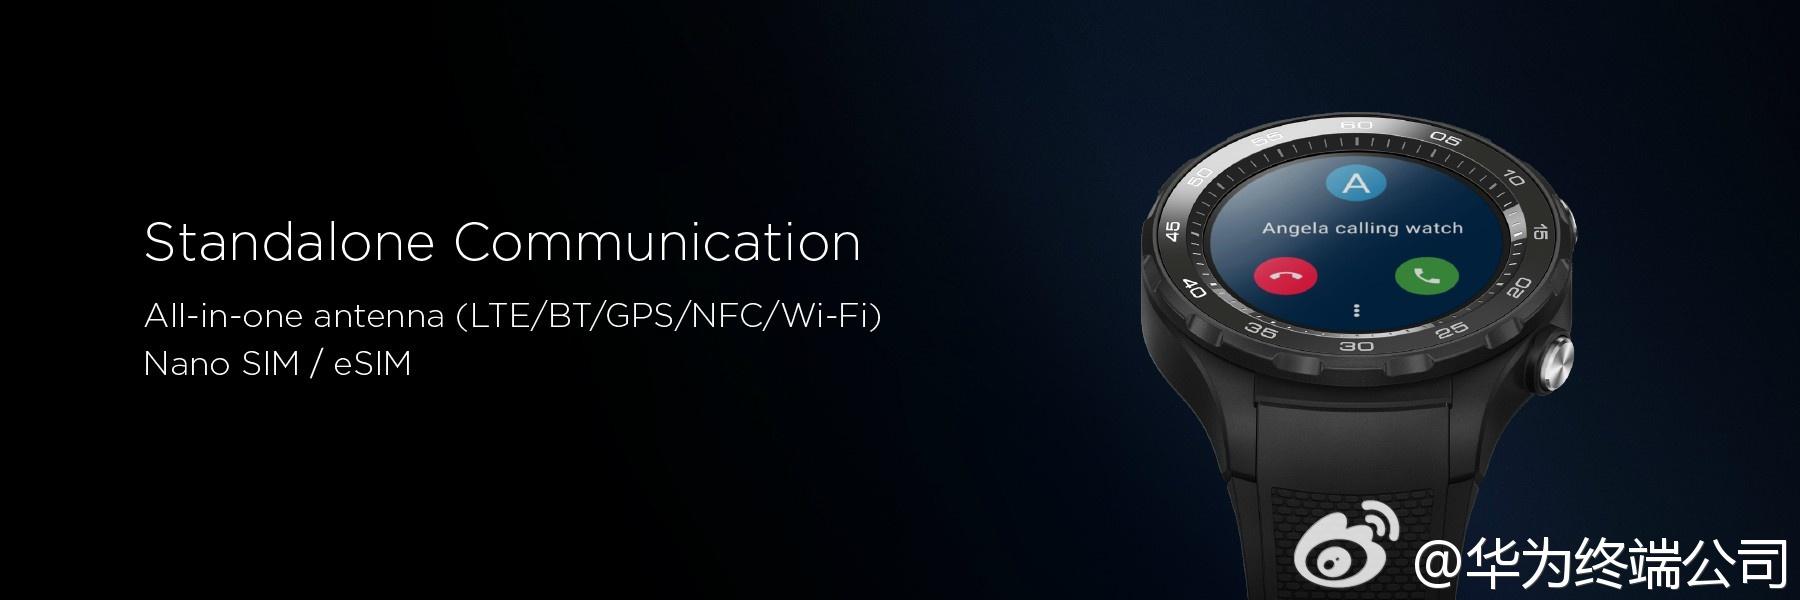 终于可以甩掉手机出去浪啦!#HUAWEIWTCH2#支持独立移动网络(仅4G版本),就算手机不在身边